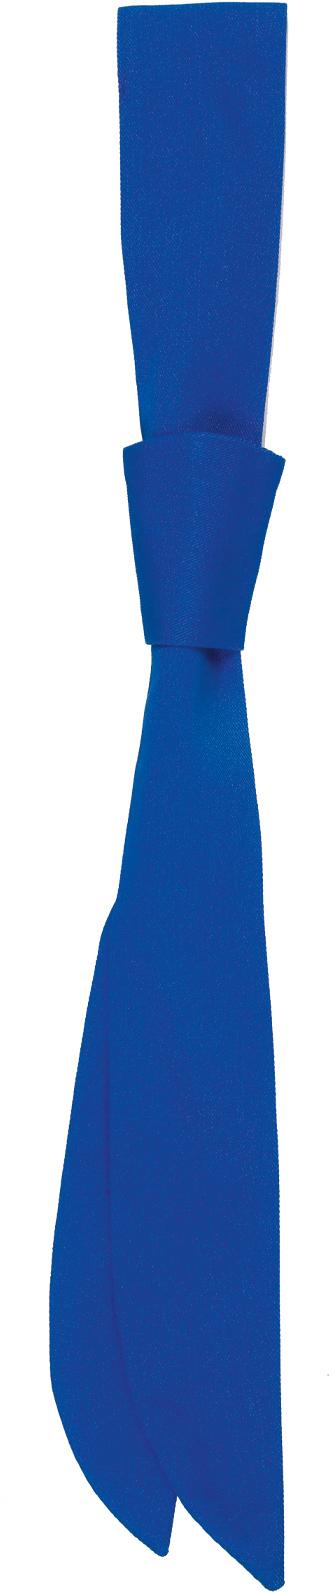 Service Krawatte